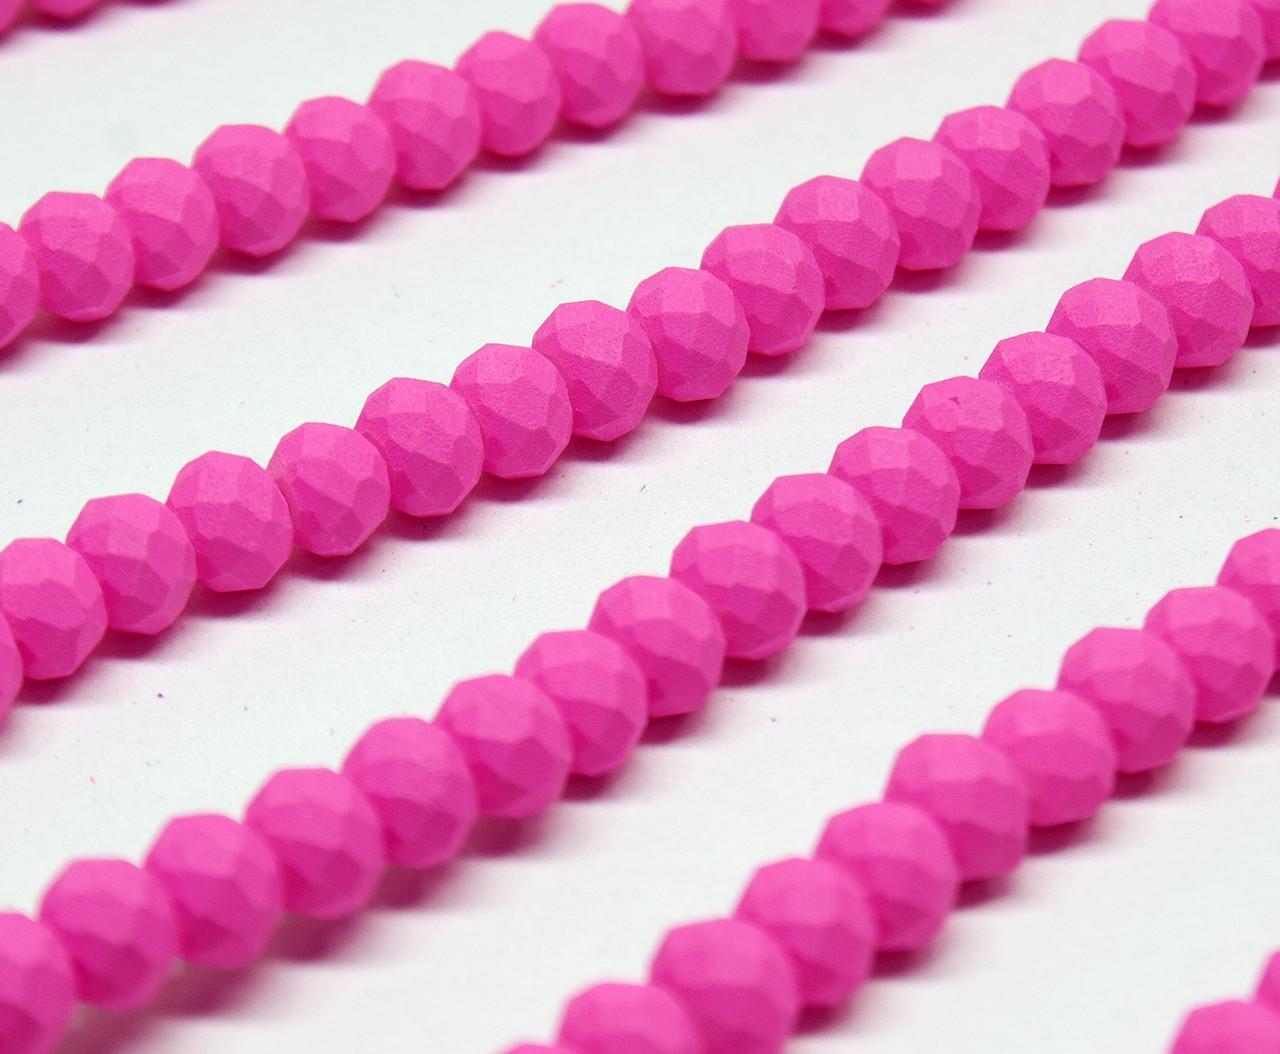 Бусины хрустальные (Рондель)  4х3мм пачка - 120-130шт цвет - матовый малиновый